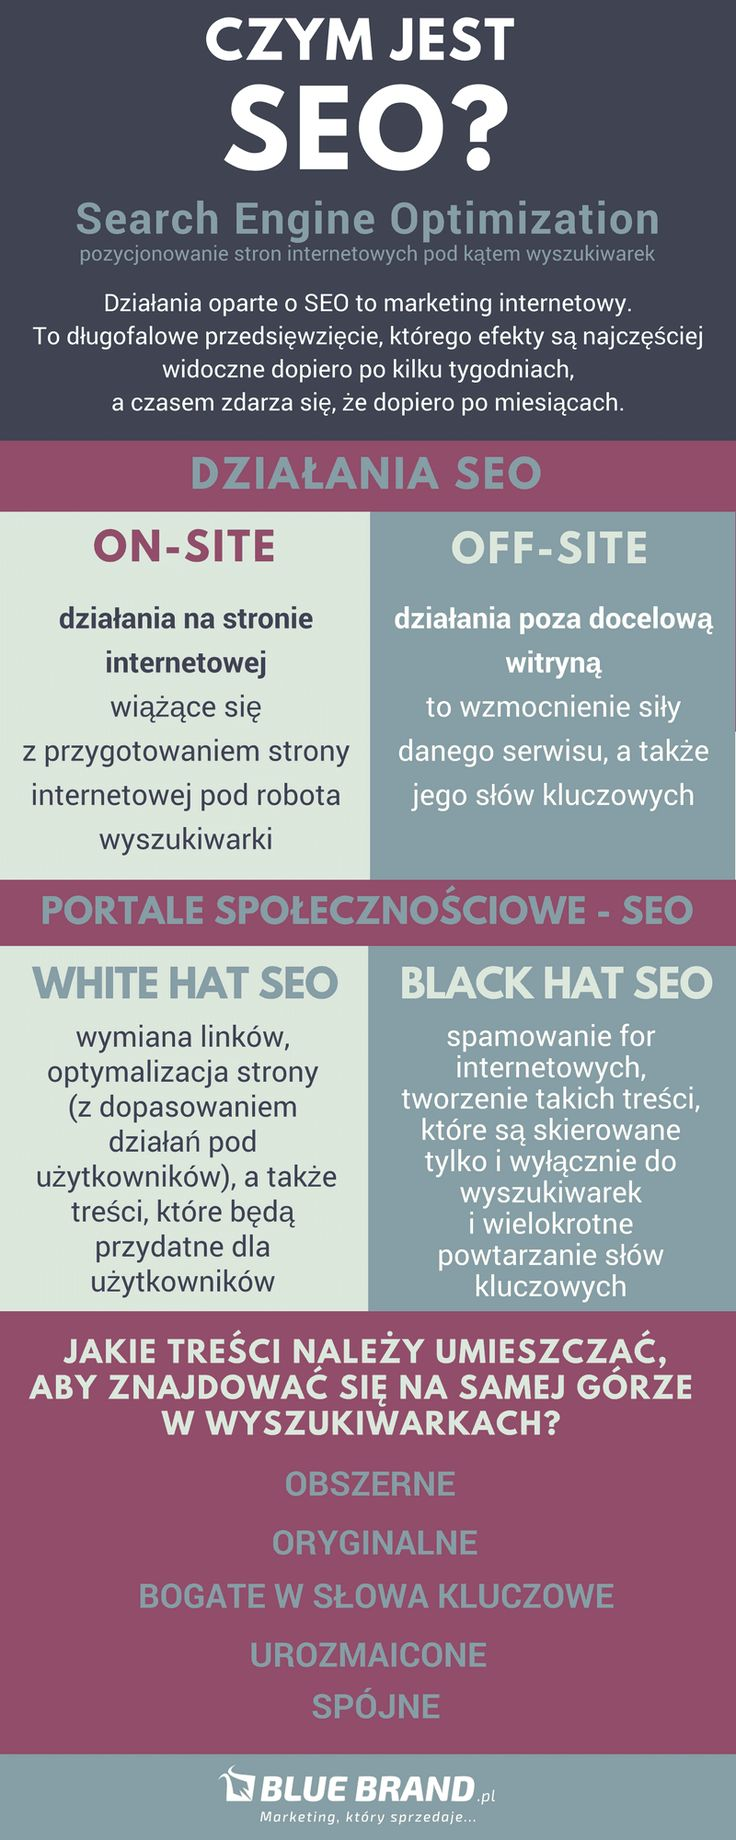 czym jest seo, Search Engine Optimazion, BlueBrand_pl, agencja marketingowa Warszawa